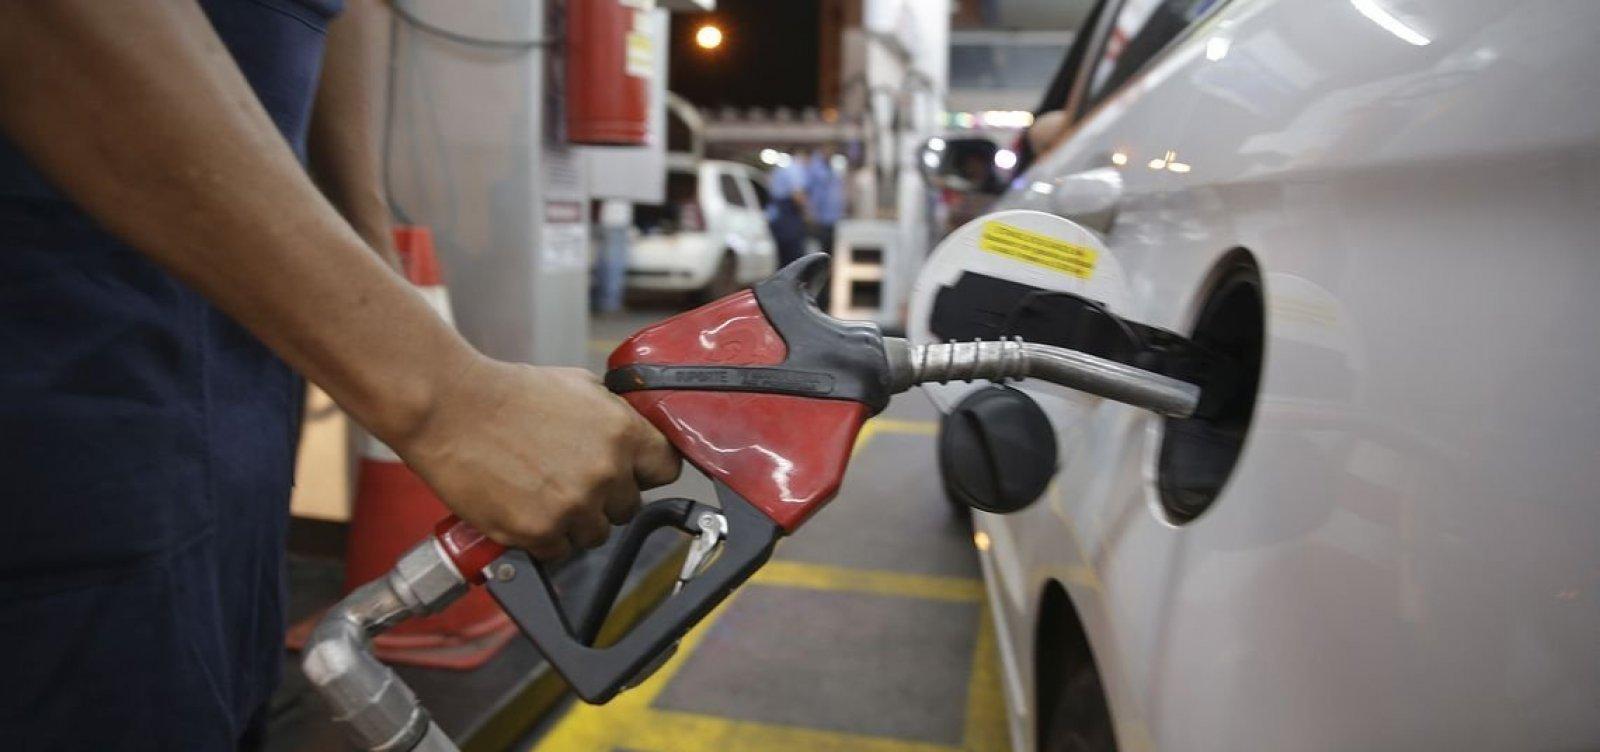 [Petrobras aumenta preço médio do diesel, que chega a maior valor desde setembro]